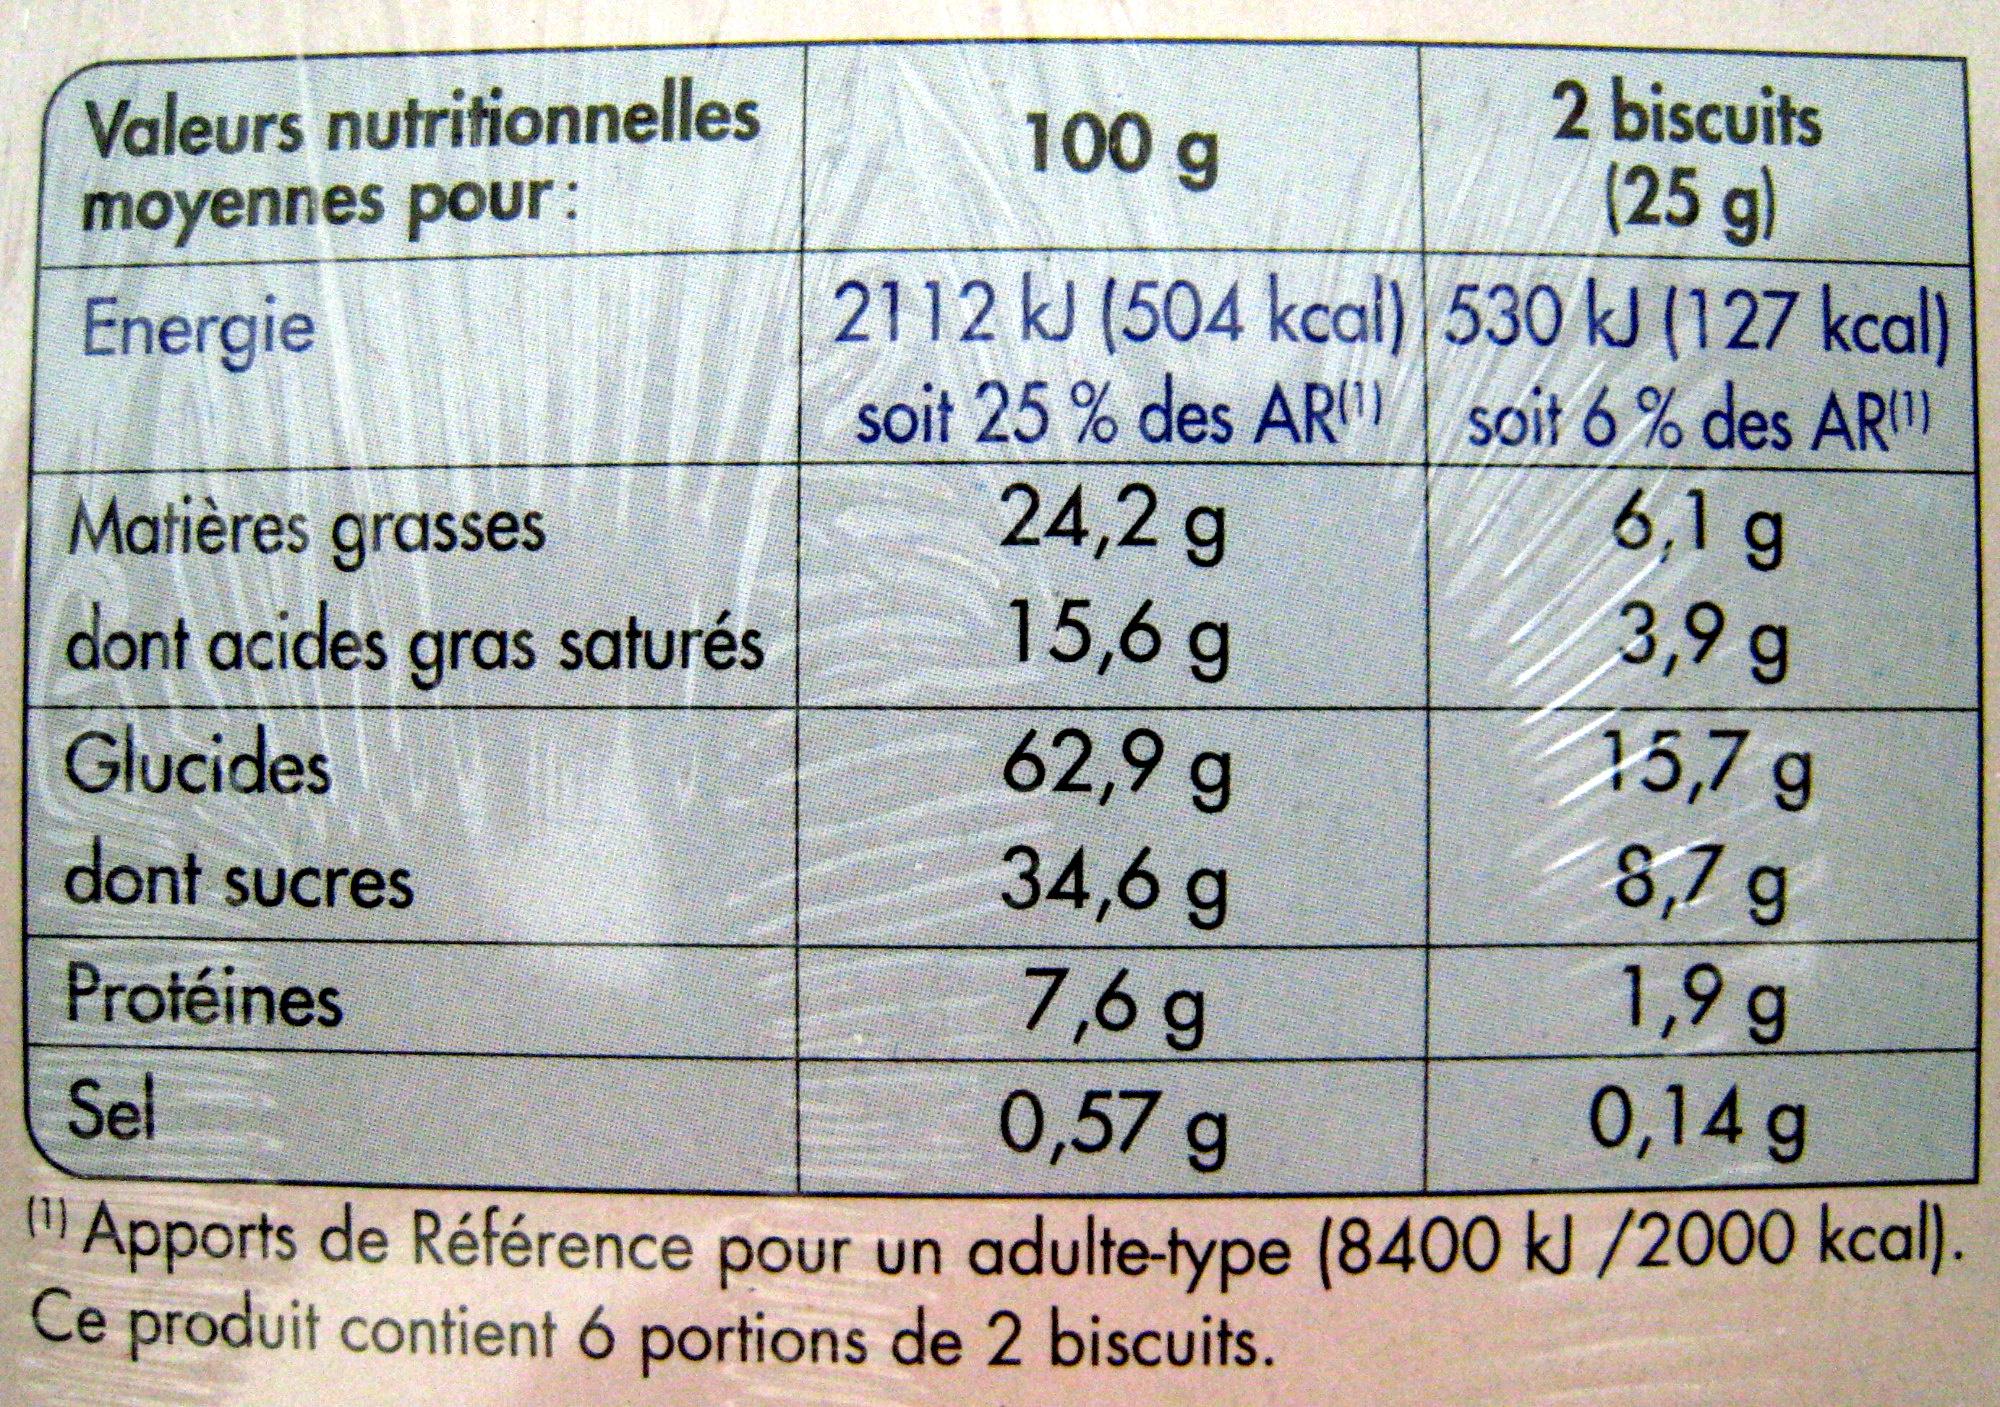 Petit Beurre avec tablette de chocolat au lait BIO (lot de 2) - Informations nutritionnelles - fr